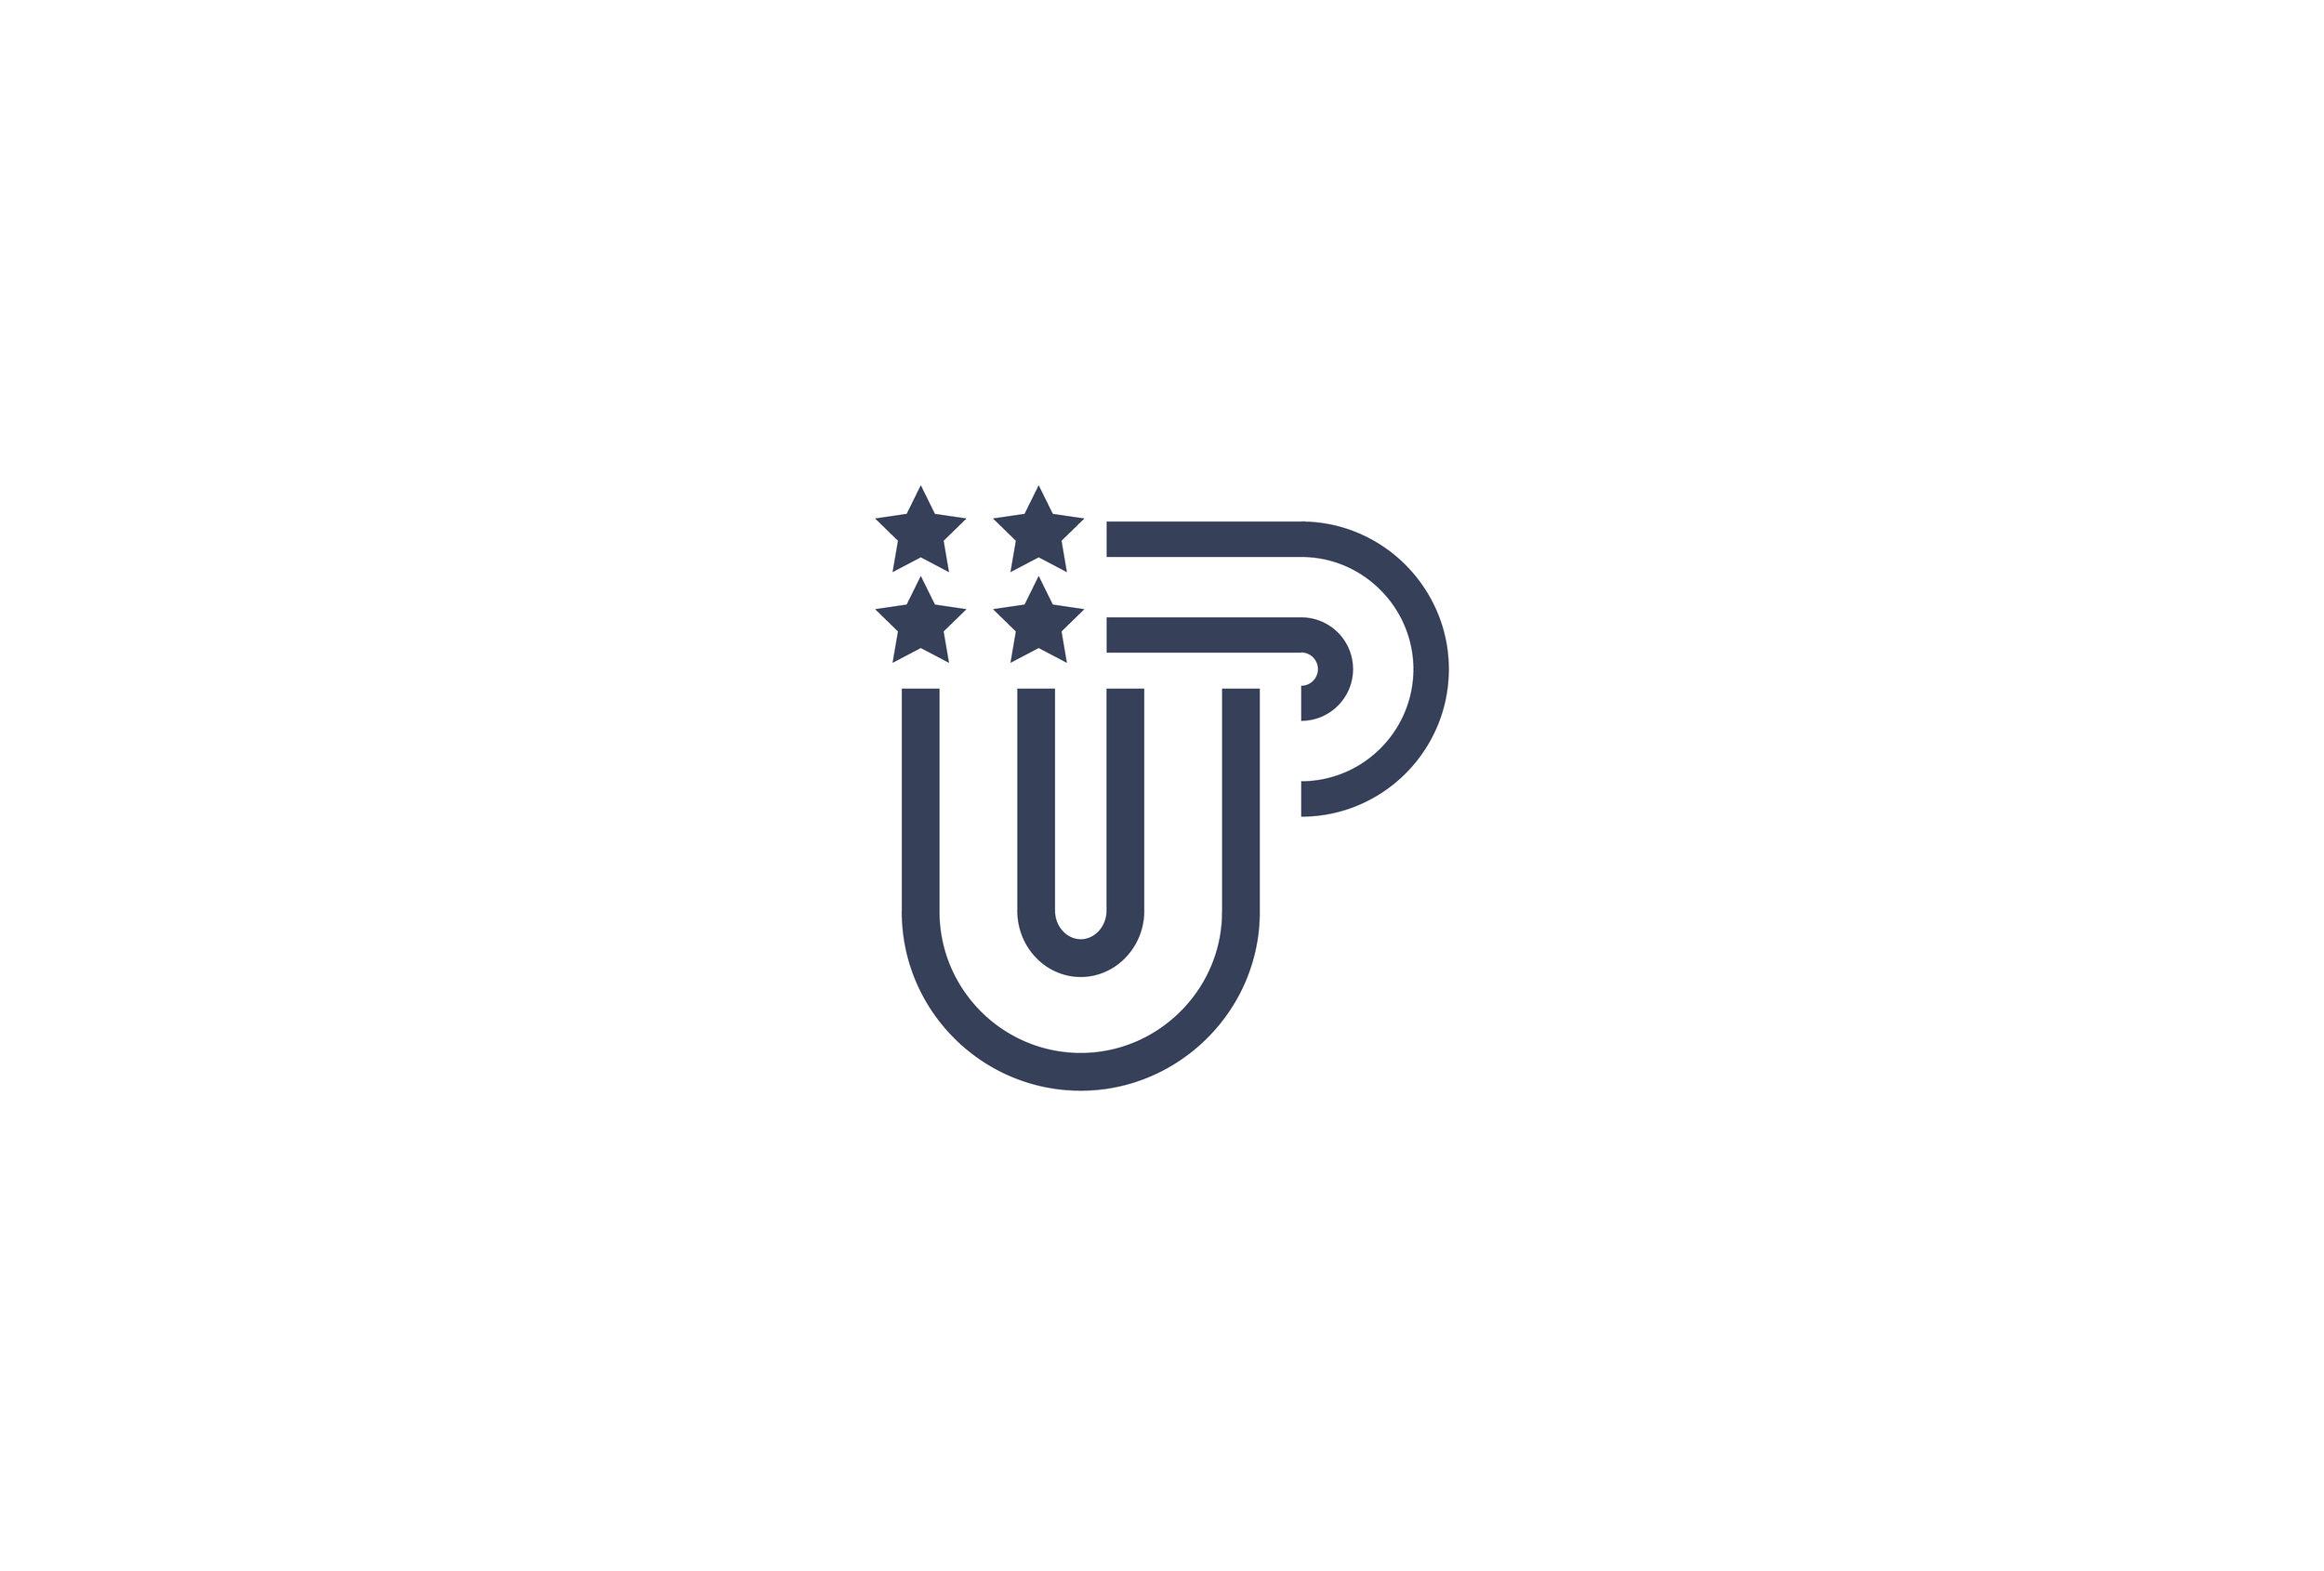 UPP-01.jpg